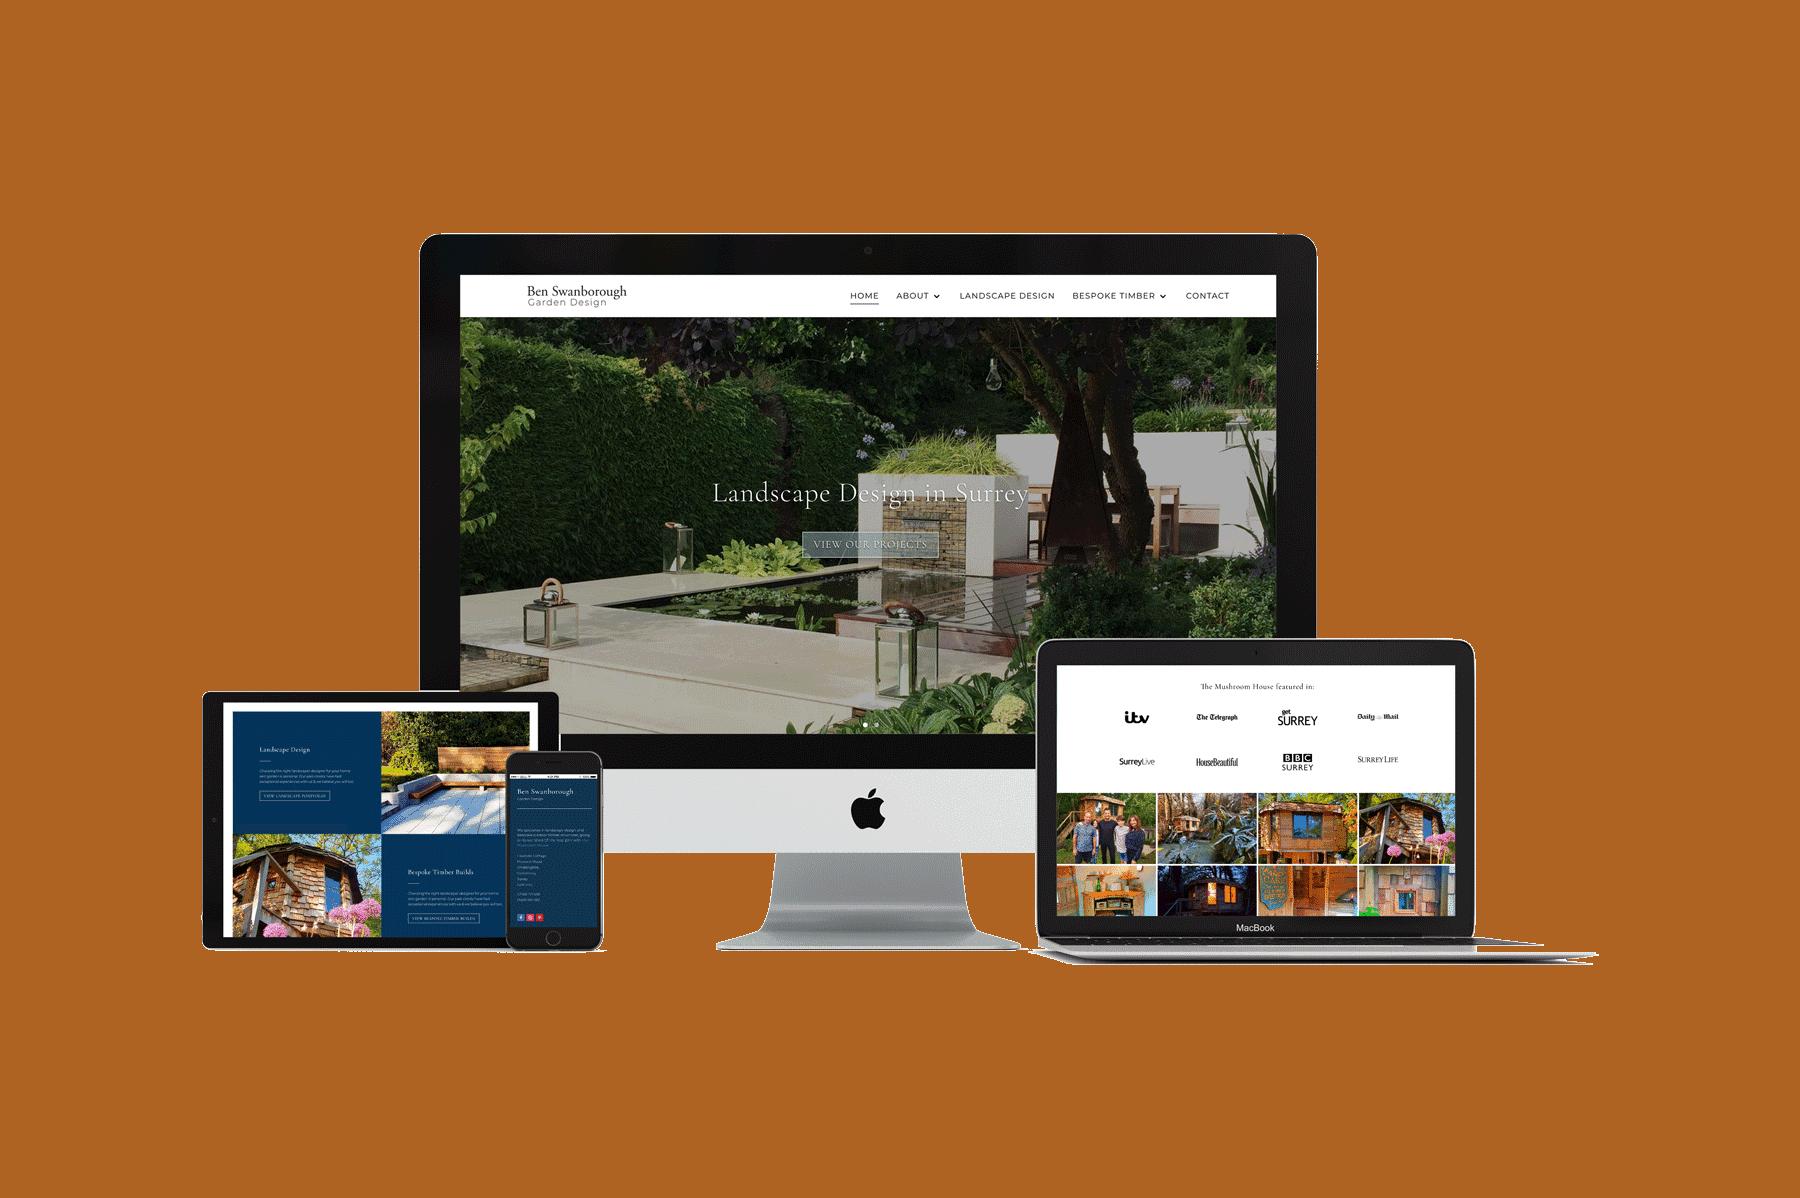 repsonsive website design for landscape designers